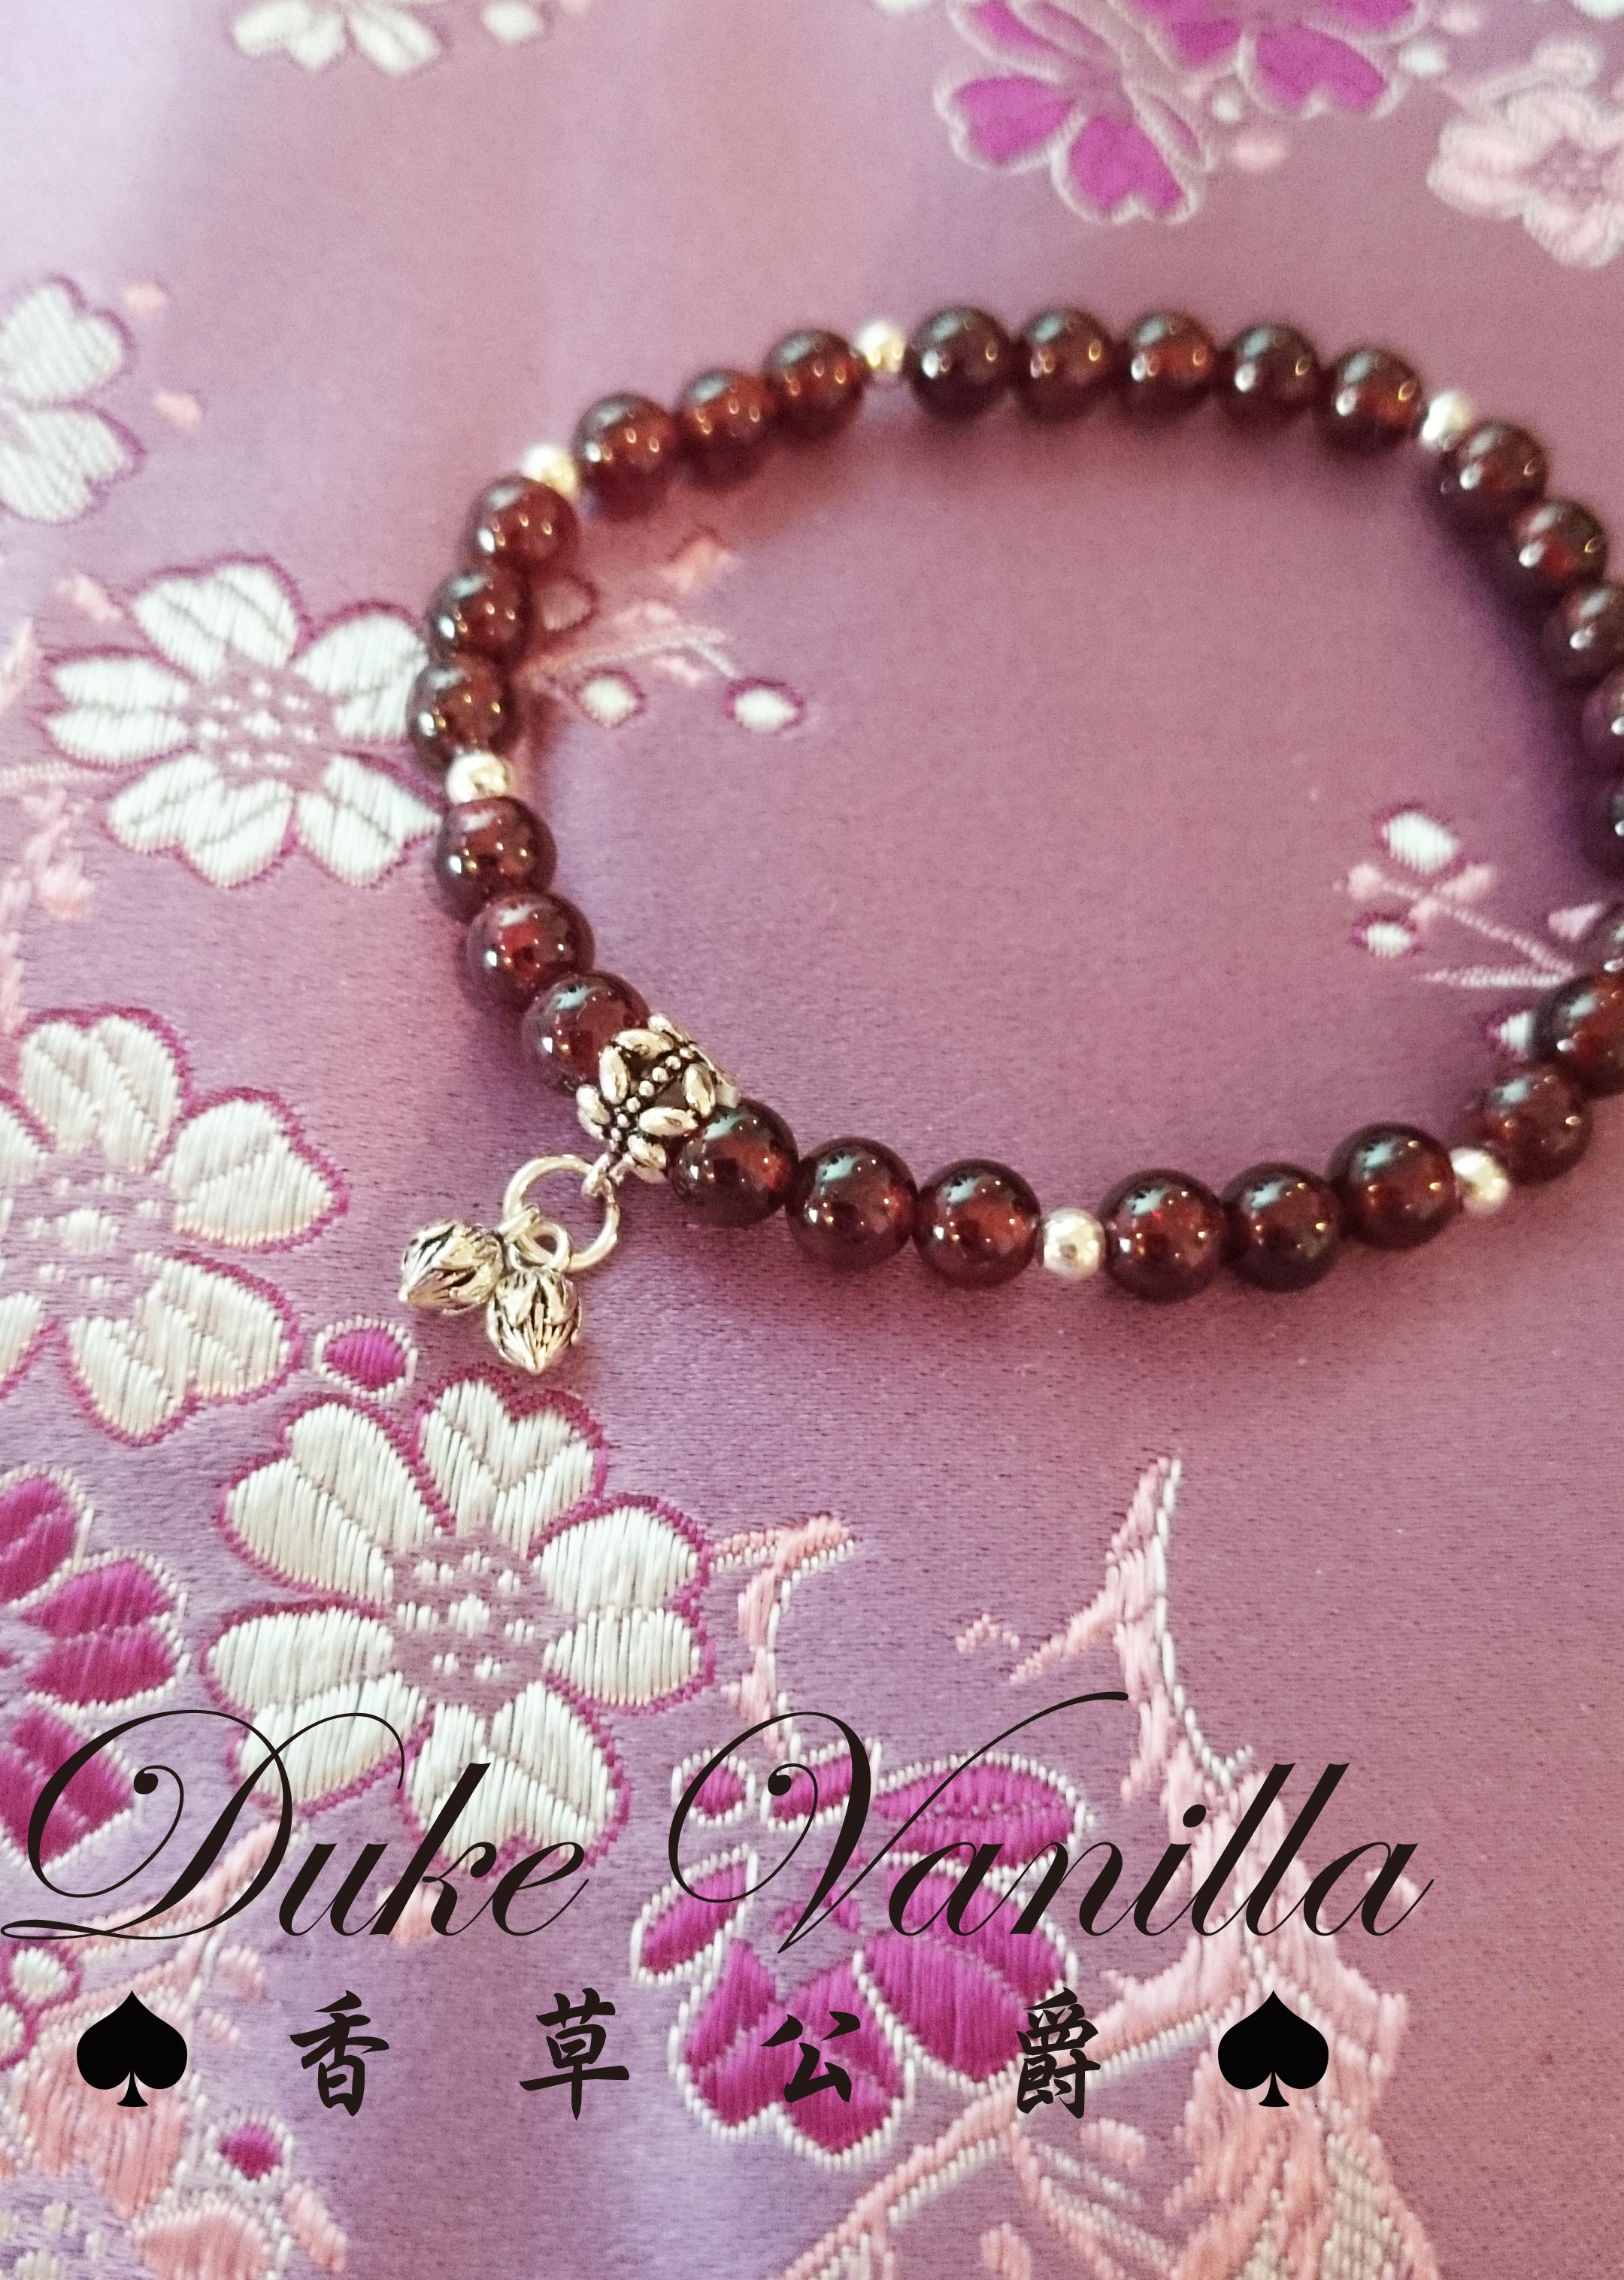 簡約紅石榴石純銀手環 - Duke Vanilla 香草公爵